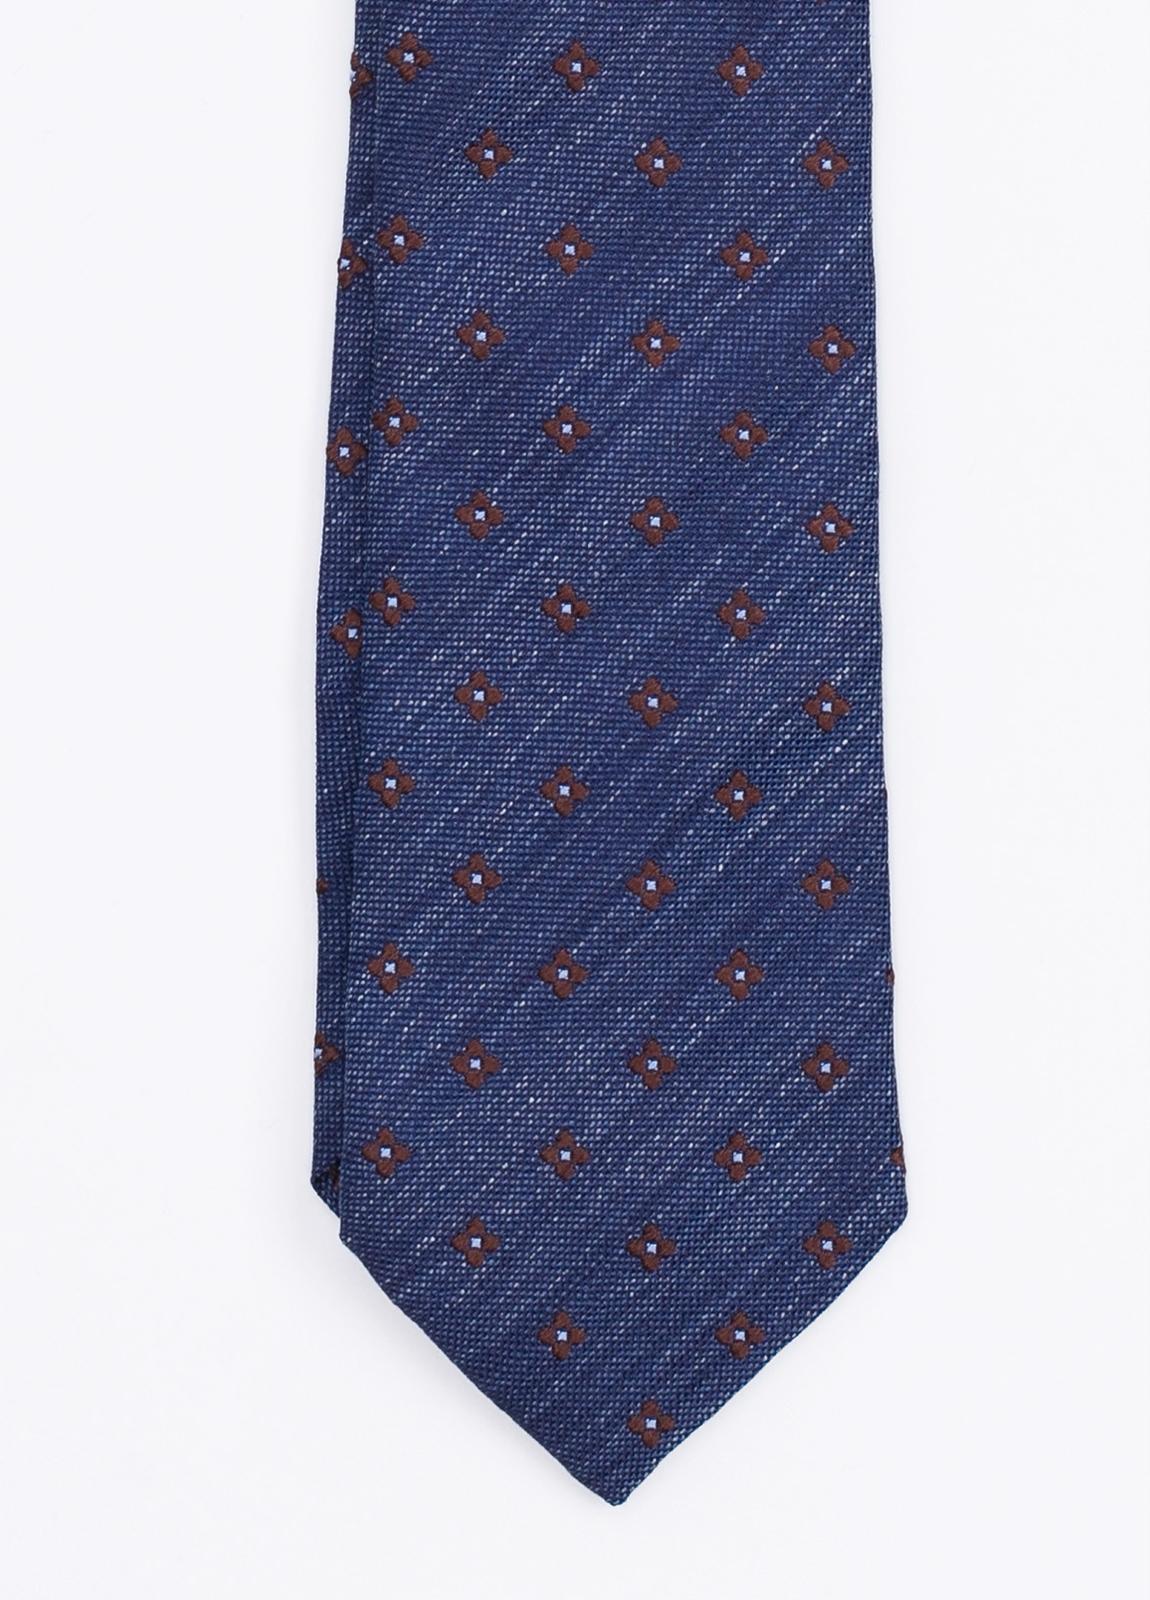 Corbata Formal Wear estampado flor, color azul. Pala 7,5 cm. 100% Seda.